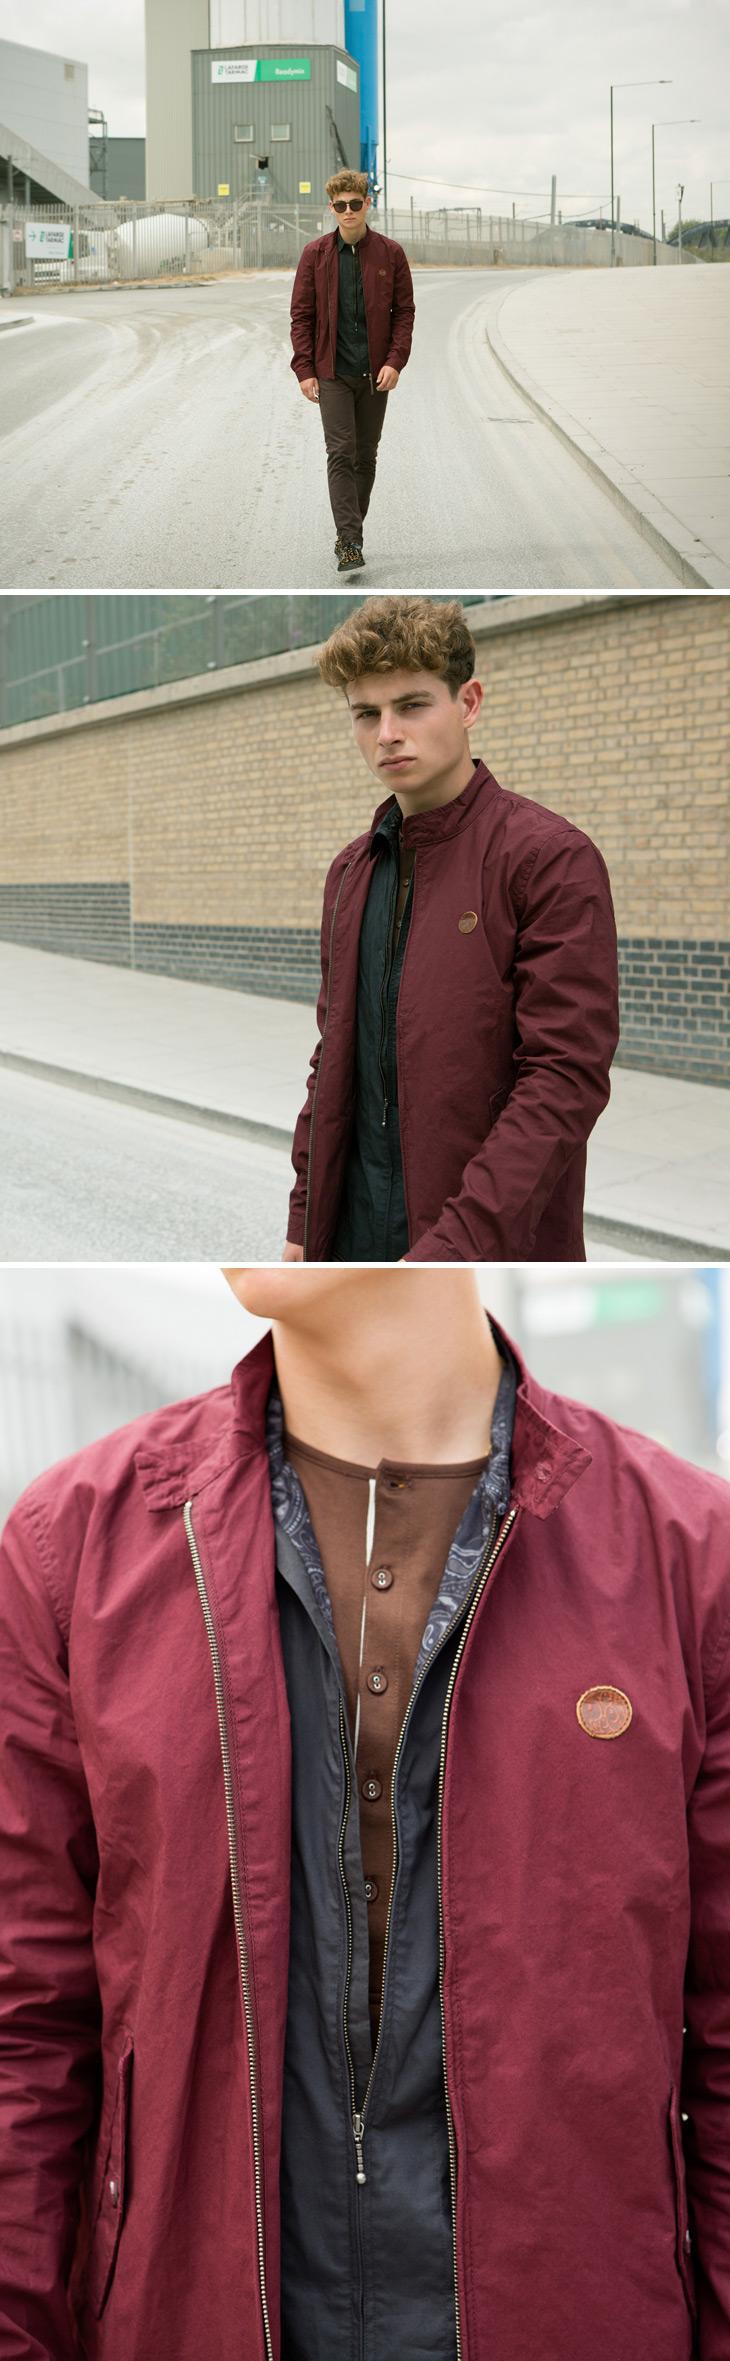 jackets 5